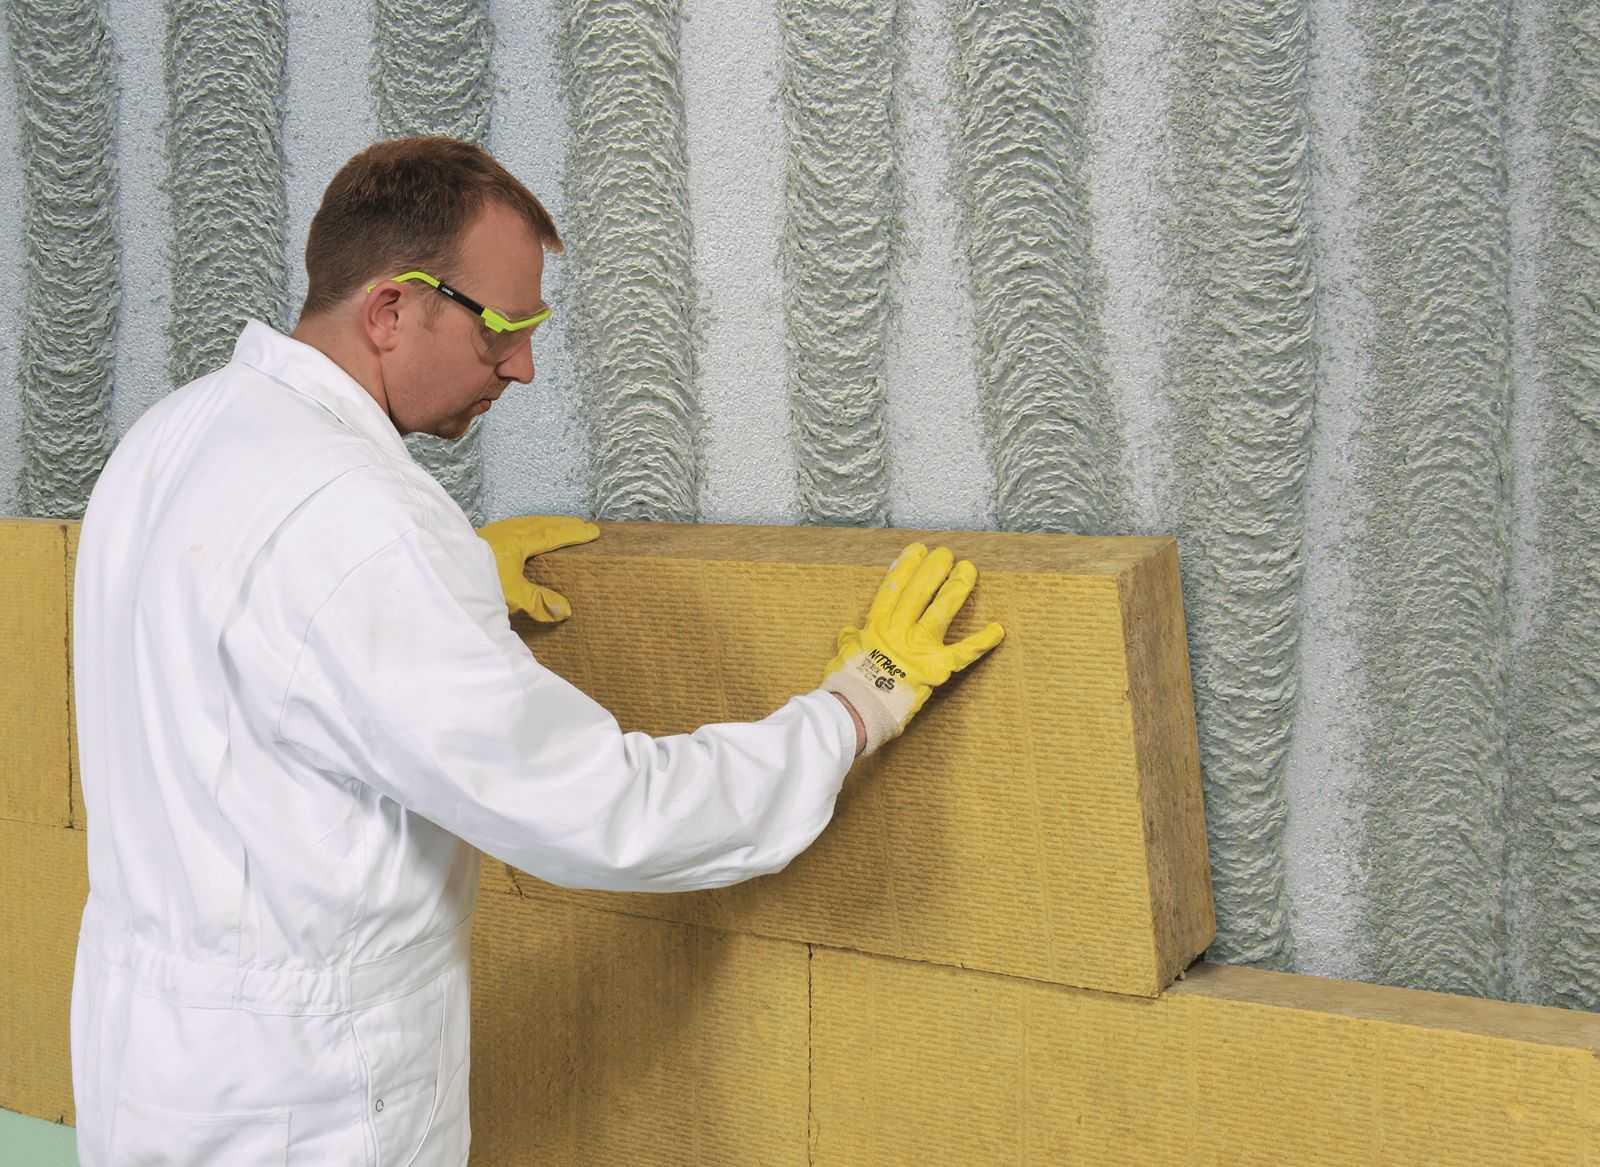 h ufige fehler beim d mmen so lassen sie sich vermeiden. Black Bedroom Furniture Sets. Home Design Ideas